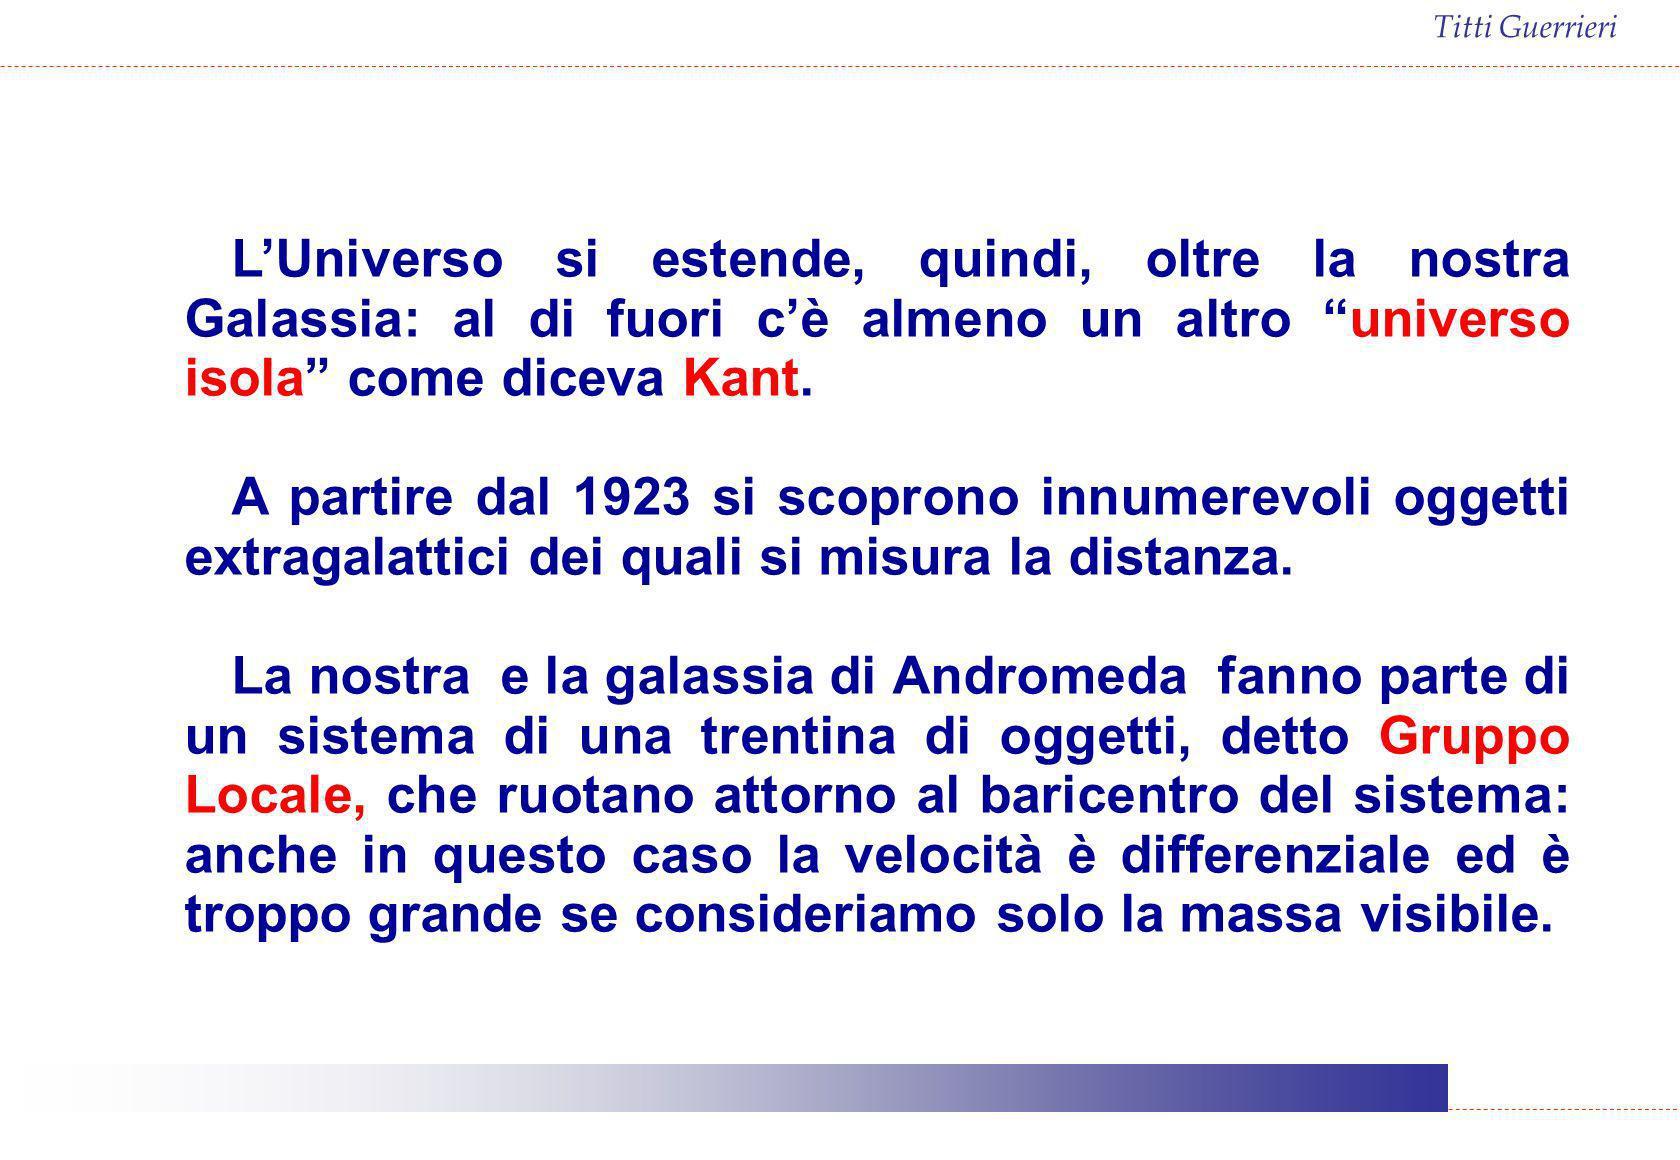 L'Universo si estende, quindi, oltre la nostra Galassia: al di fuori c'è almeno un altro universo isola come diceva Kant.